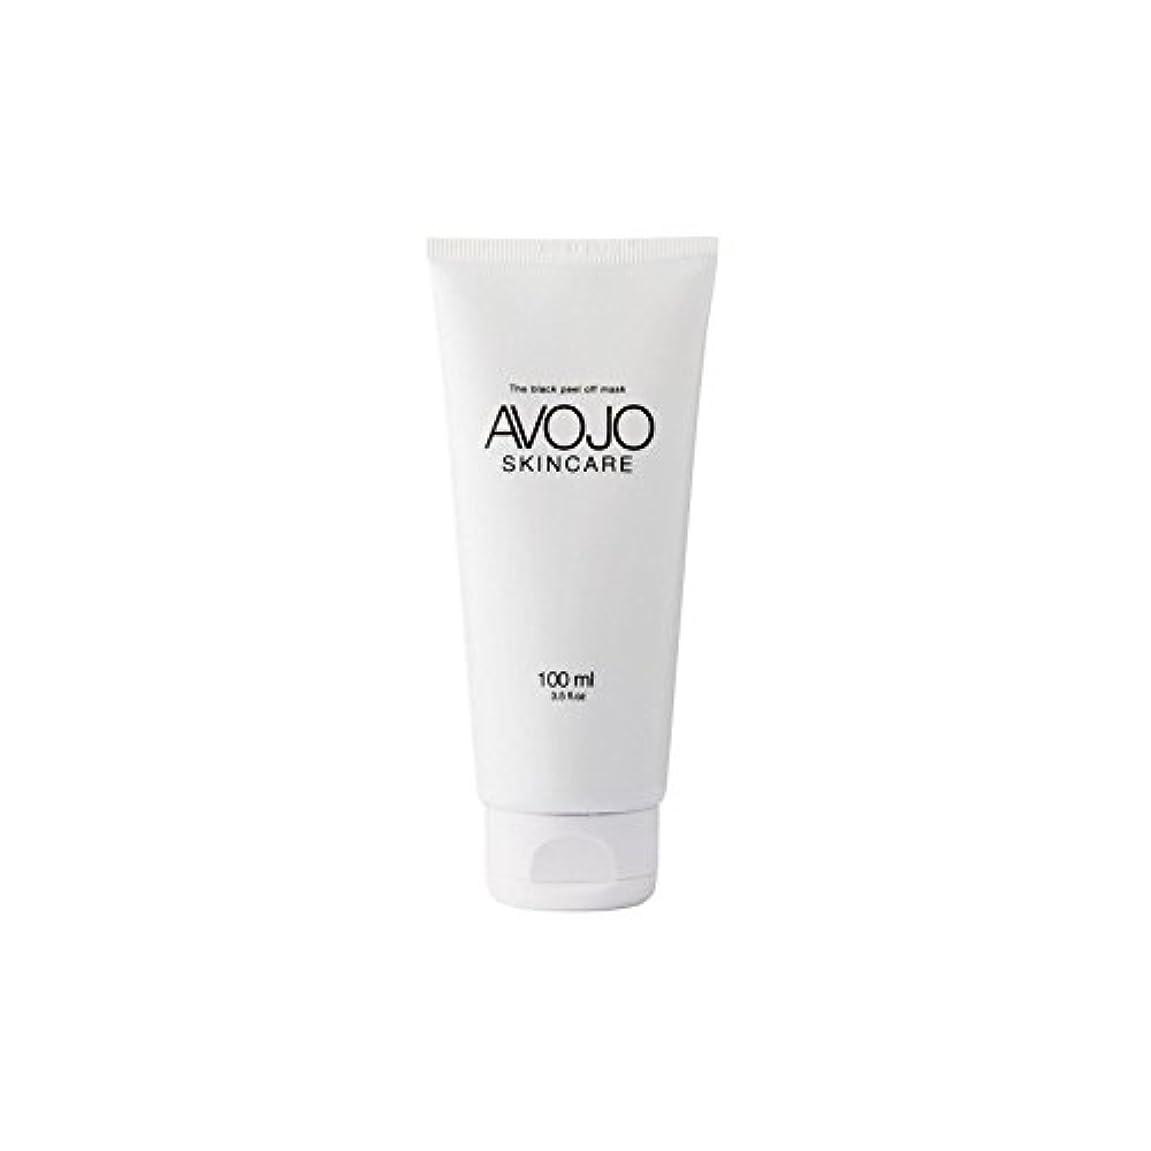 無駄なソケット展開するAvojo - The Black Peel Off Mask - (Bottle 100ml) - - 黒皮オフマスク - (ボトル100ミリリットル) [並行輸入品]